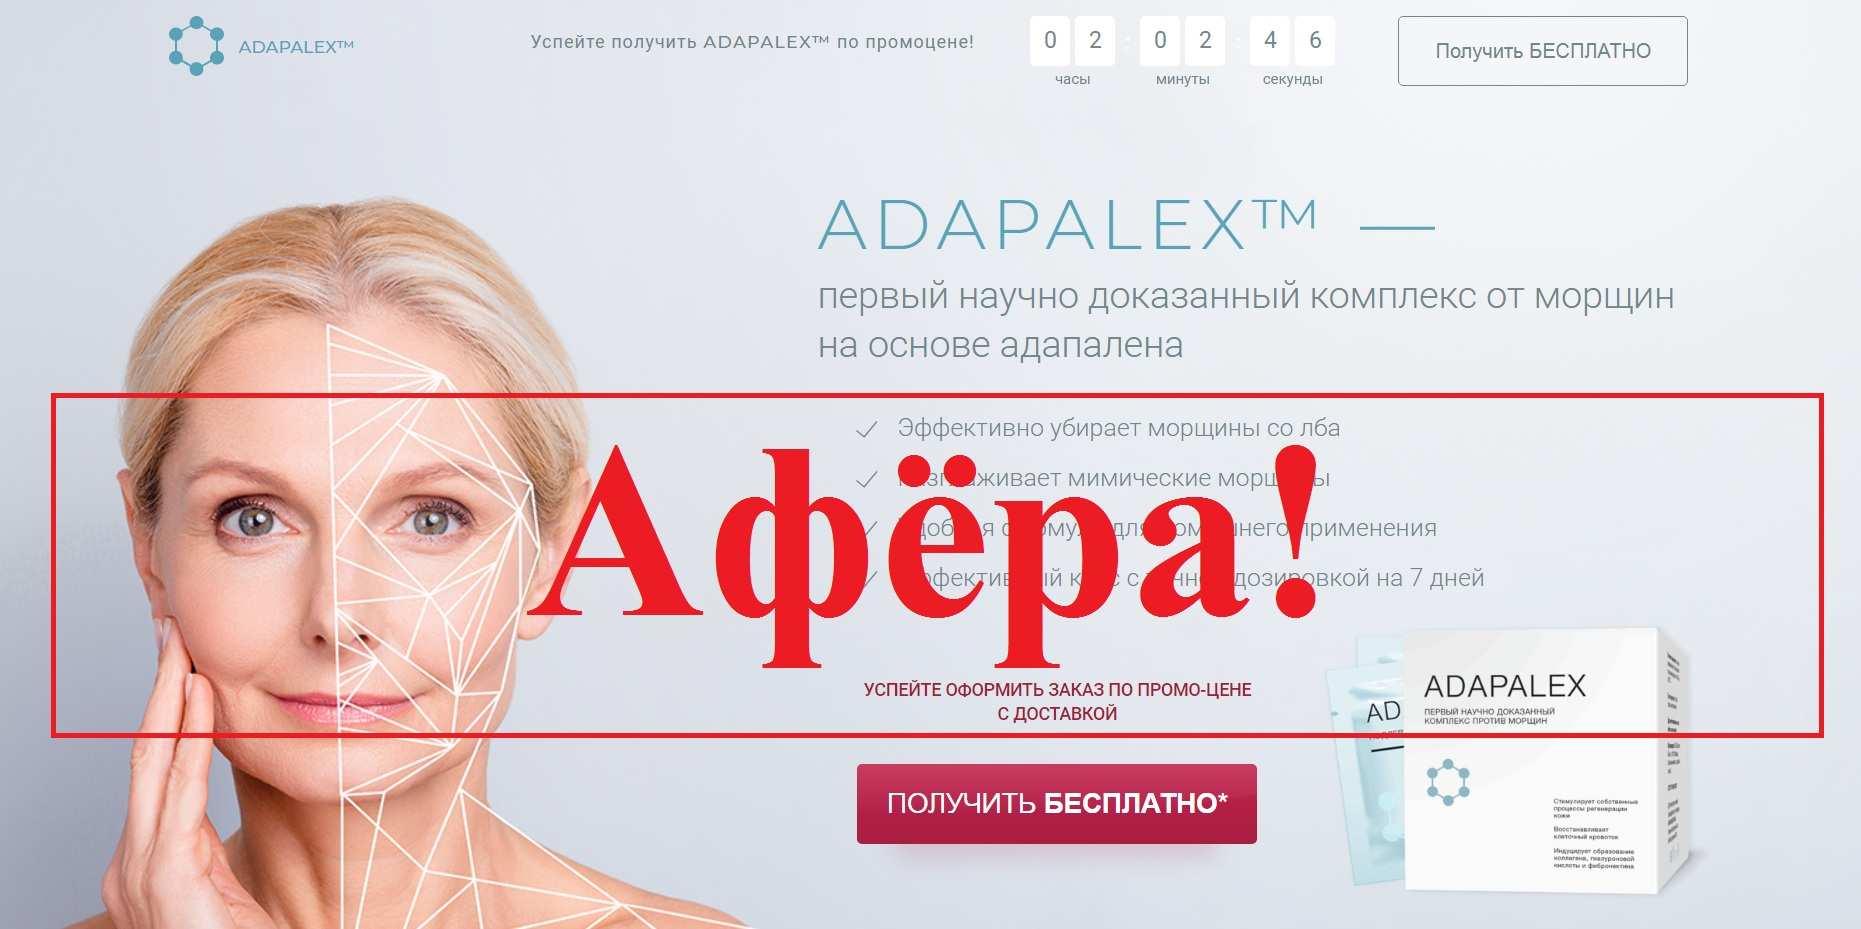 Adapalex крем от морщин в Ужгороде